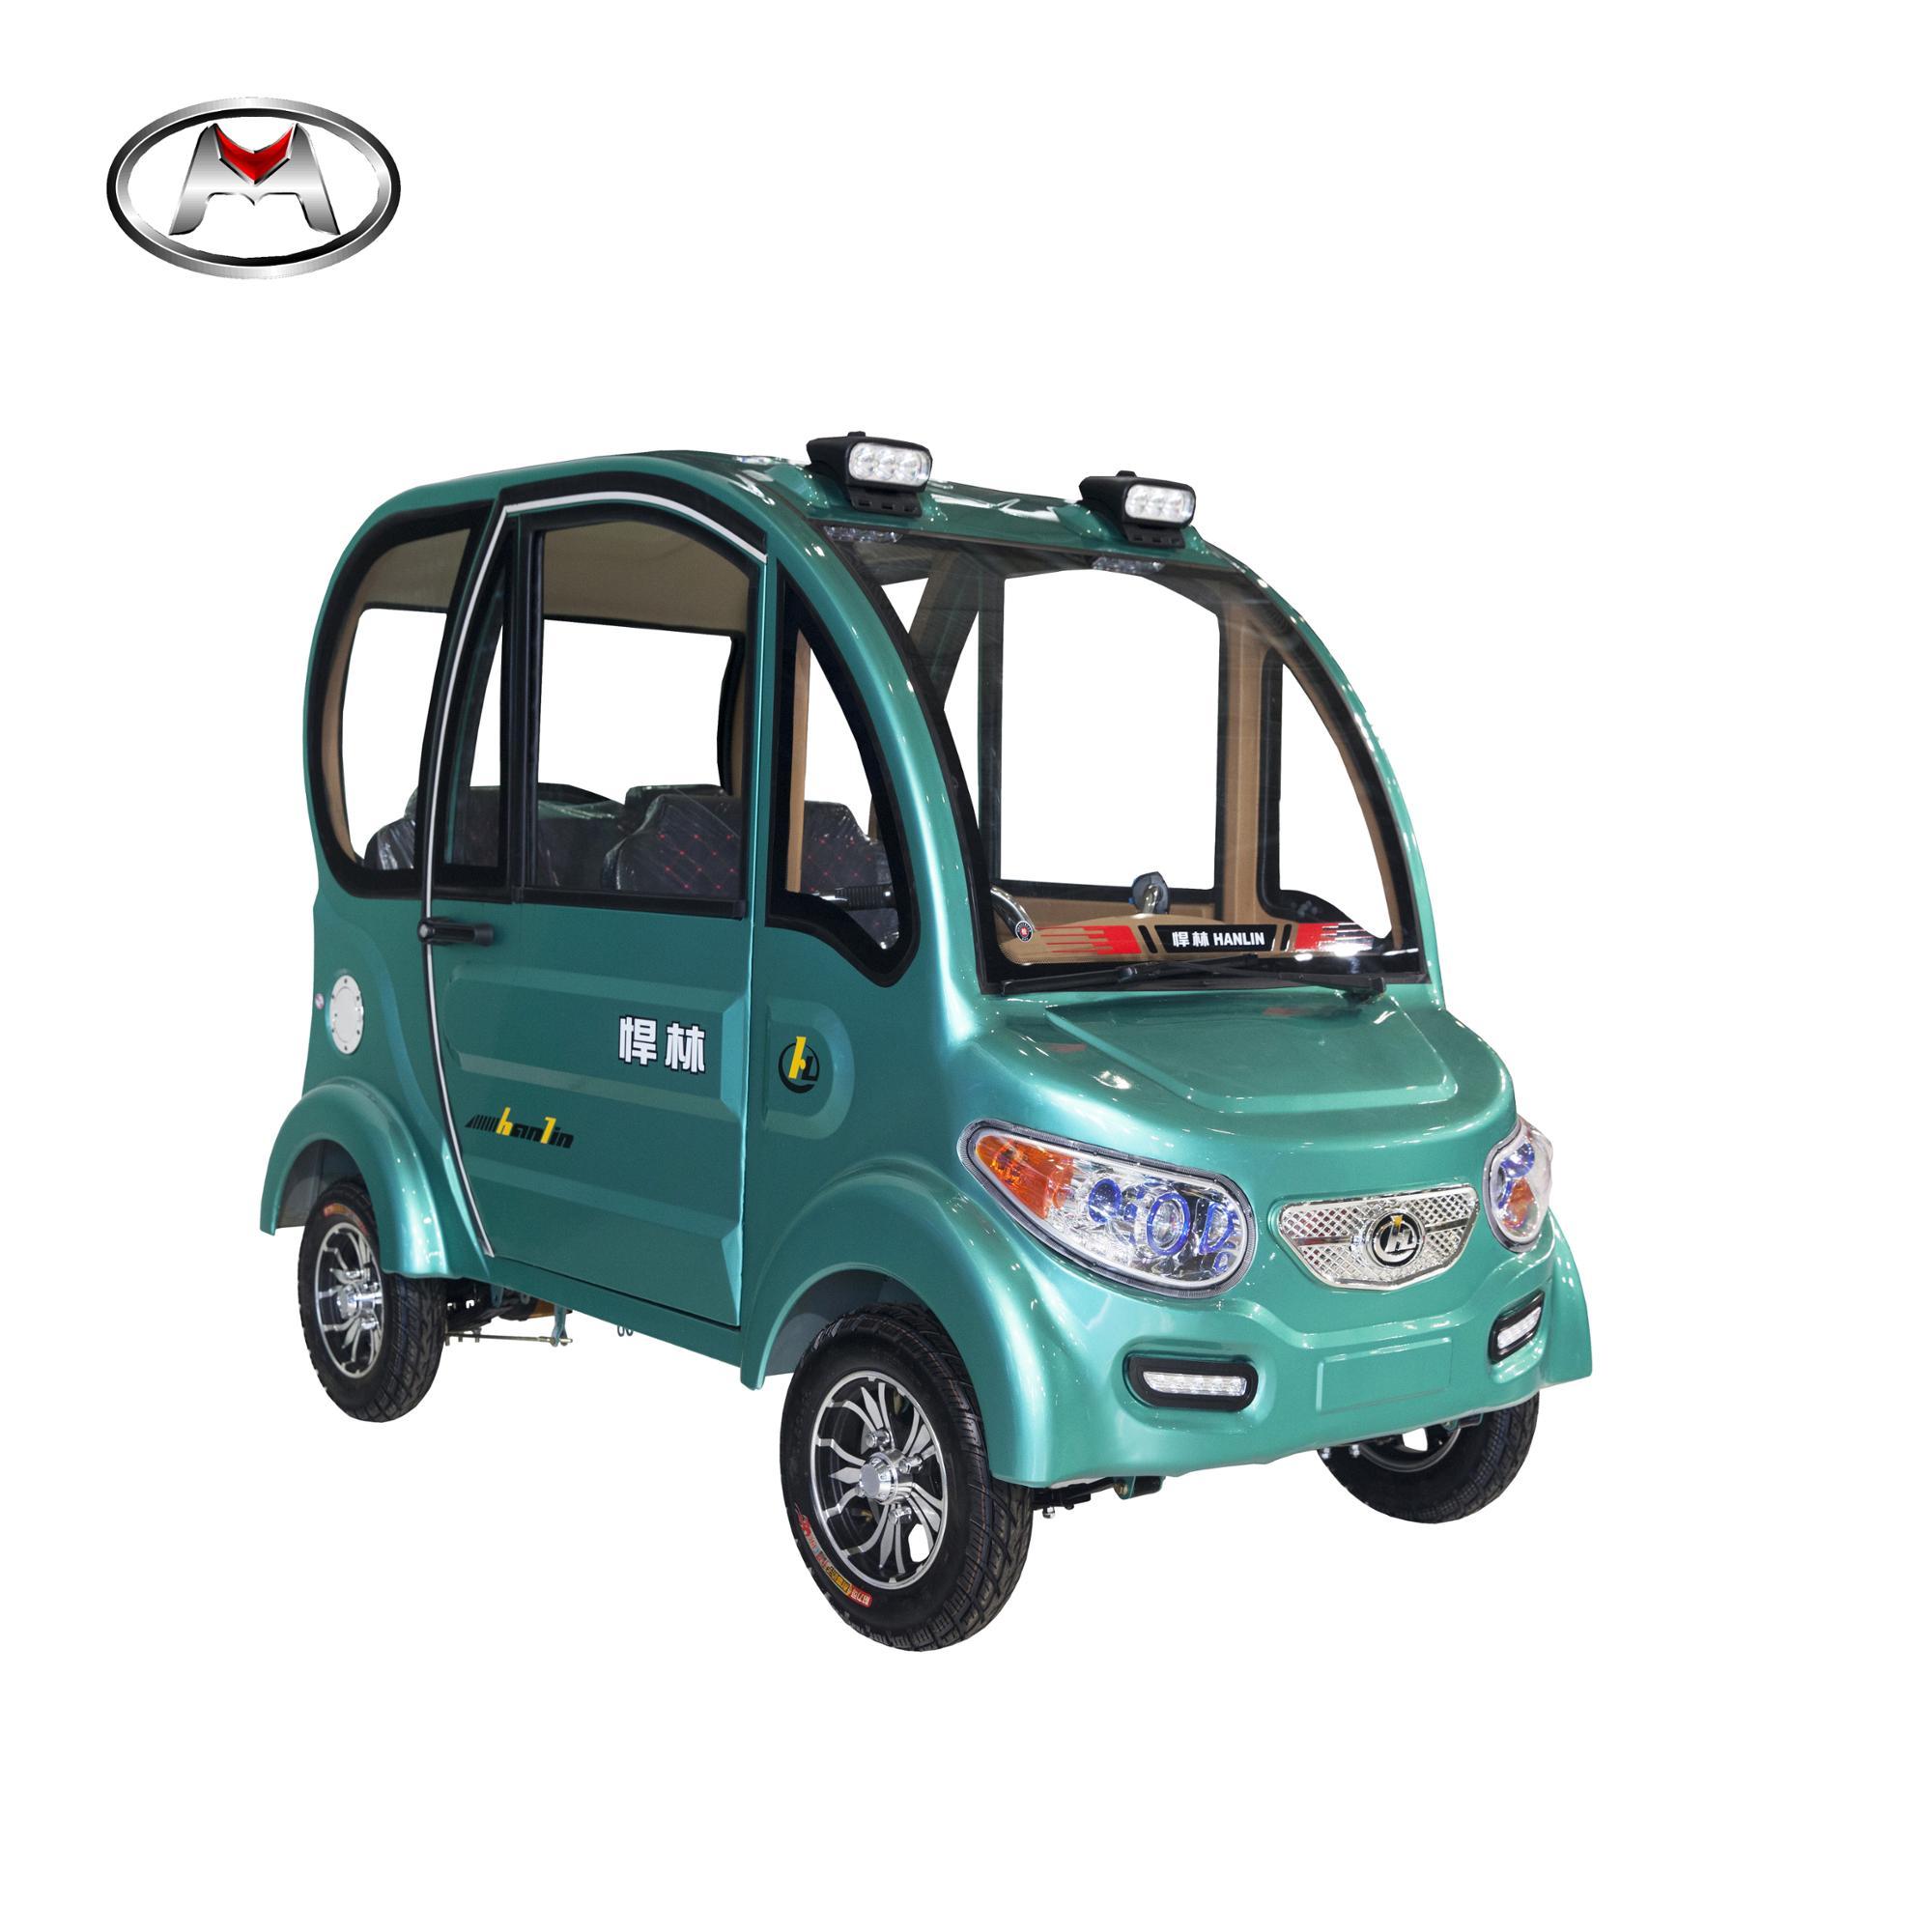 משהו רציני איכות גבוהה נכים רכב למכירהשל יצרן נכים רכב למכירה ב-Alibaba.com LN-16